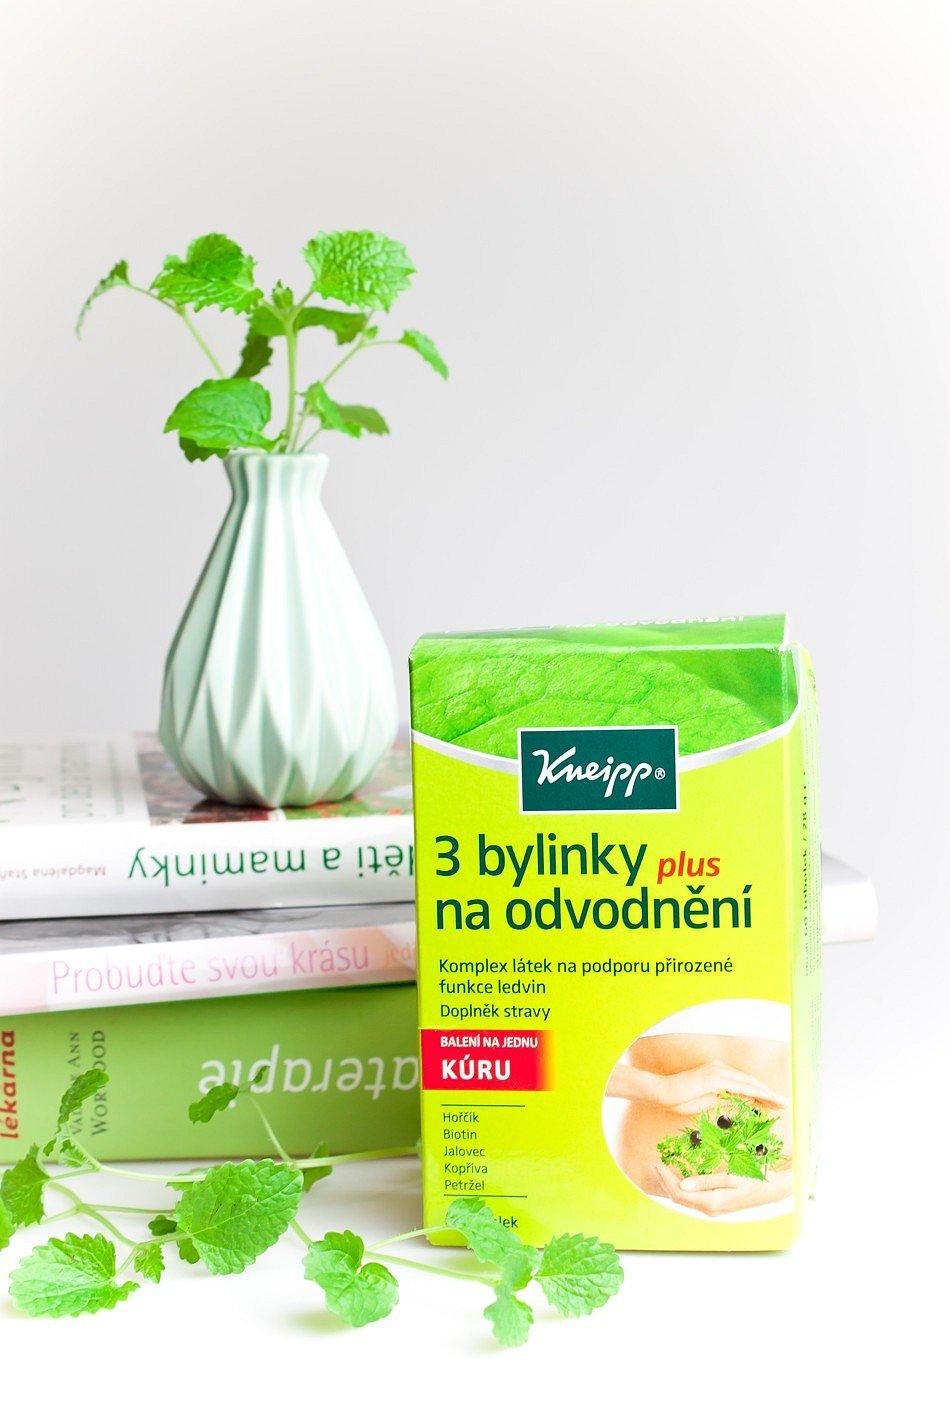 3 odvodňující bylinky Kneipp